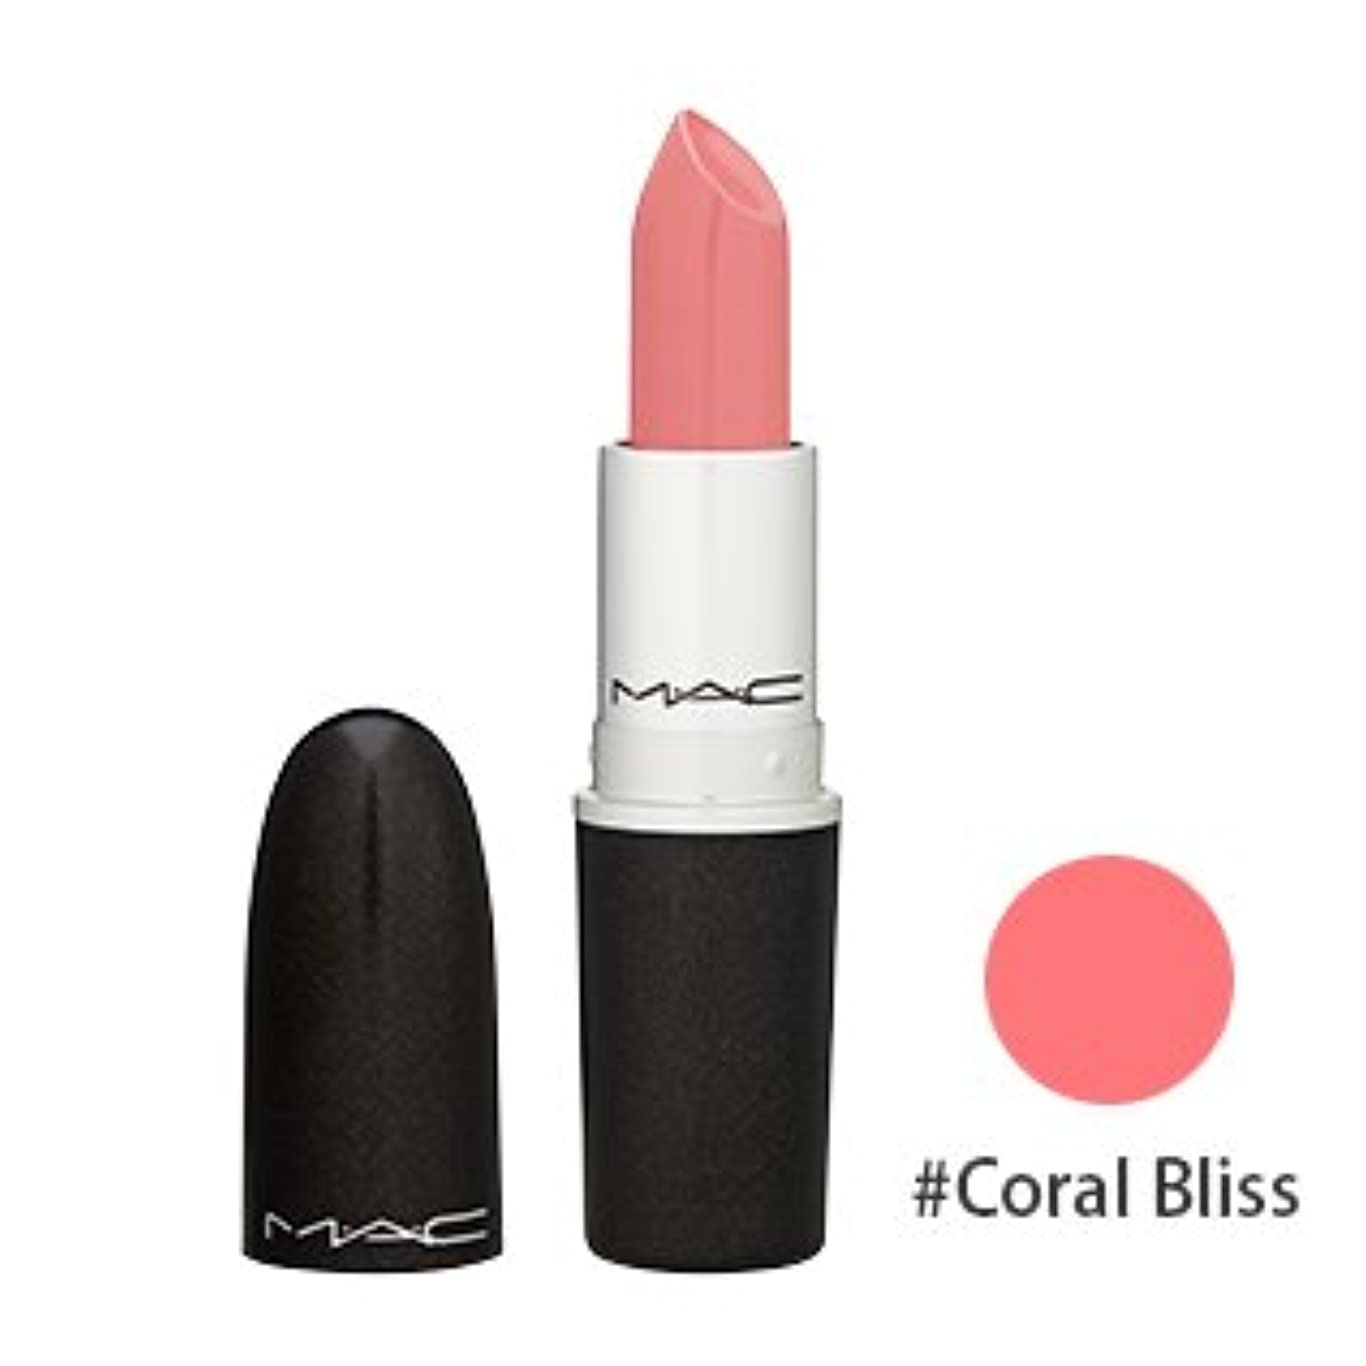 非アクティブ霧深い騒ぎマック(M?A?C(MAC)) リップスティック #Coral Bliss(コーラルピンク)[クリームシーン] 3g [海外直送品] [並行輸入品]